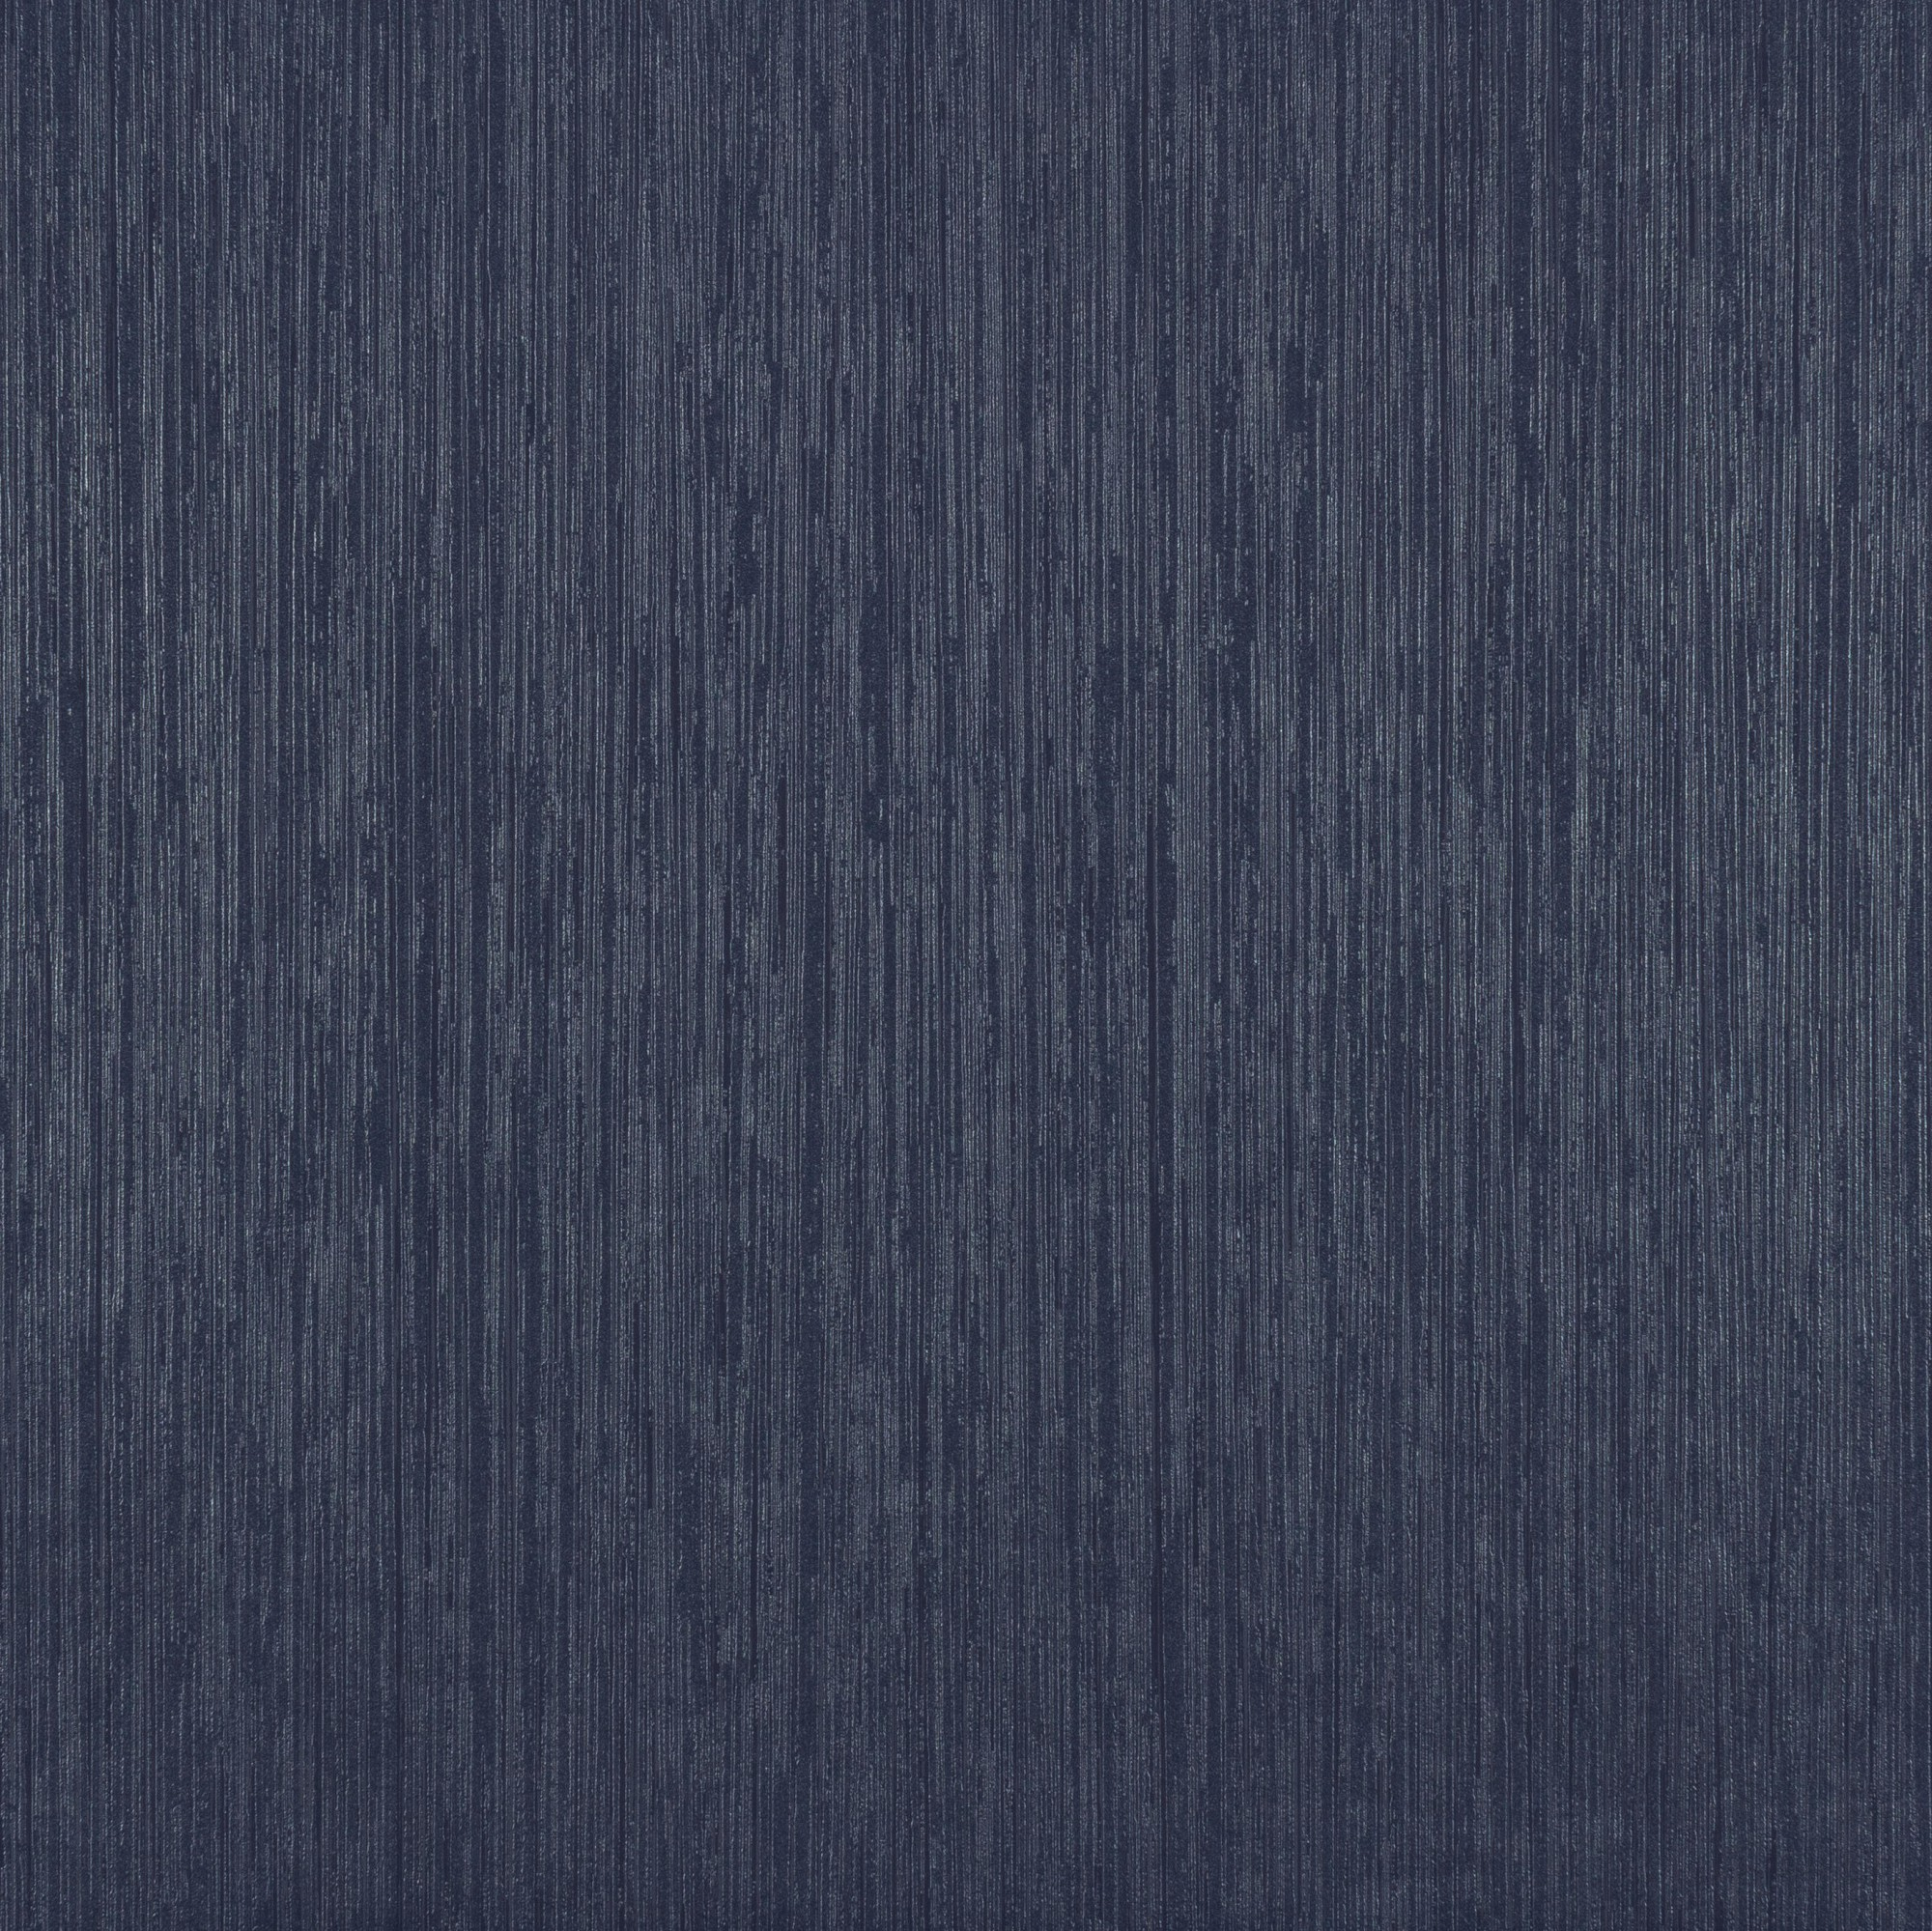 Gina 39 s tapeten marburg vliestapete 53840 uni dunkelblau for Tapete dunkelblau